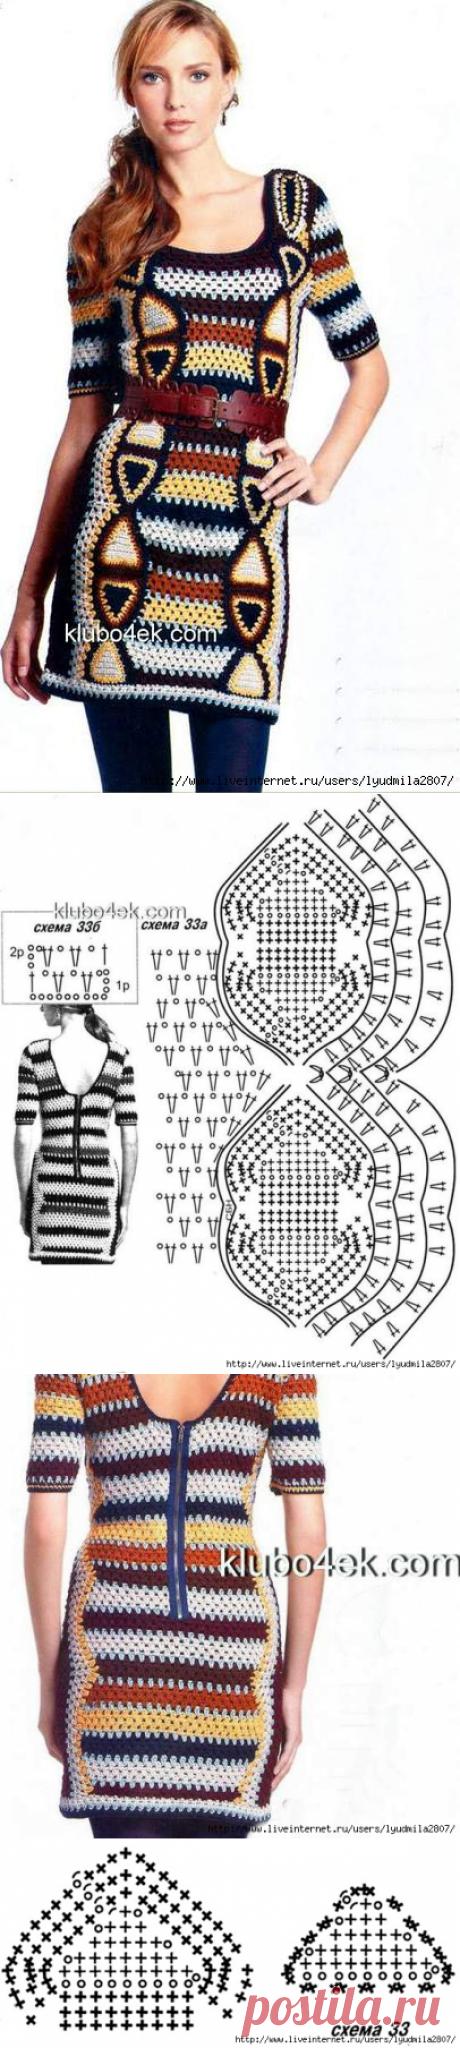 Яркое красивое платье, связанное крючком